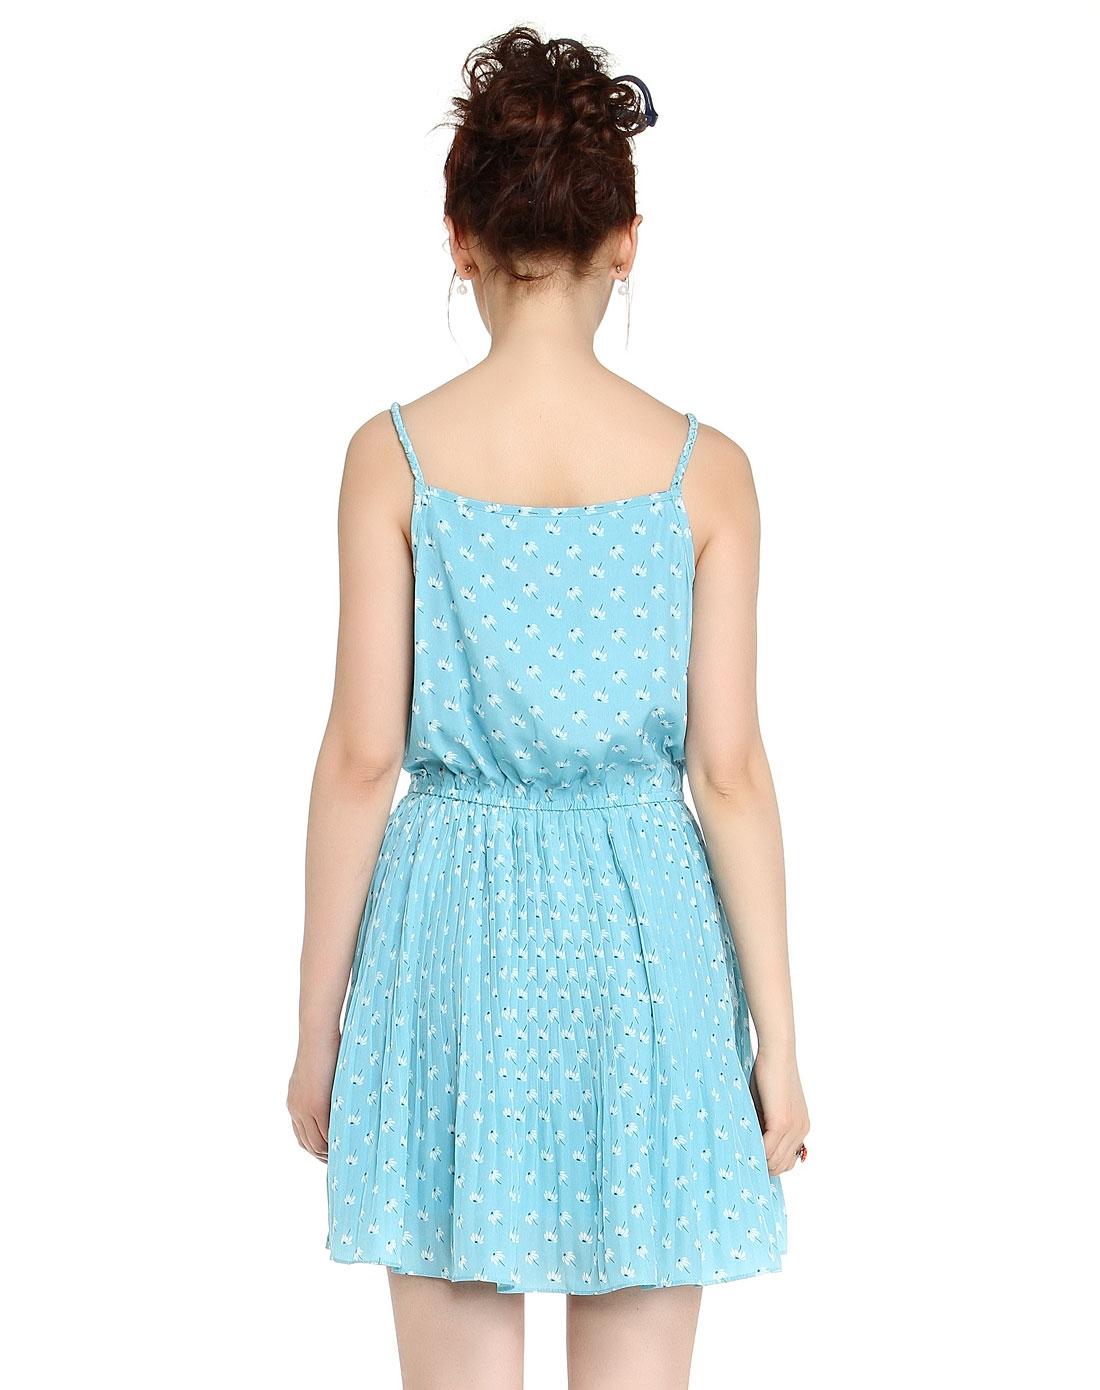 天蓝色印花可爱吊带连衣裙